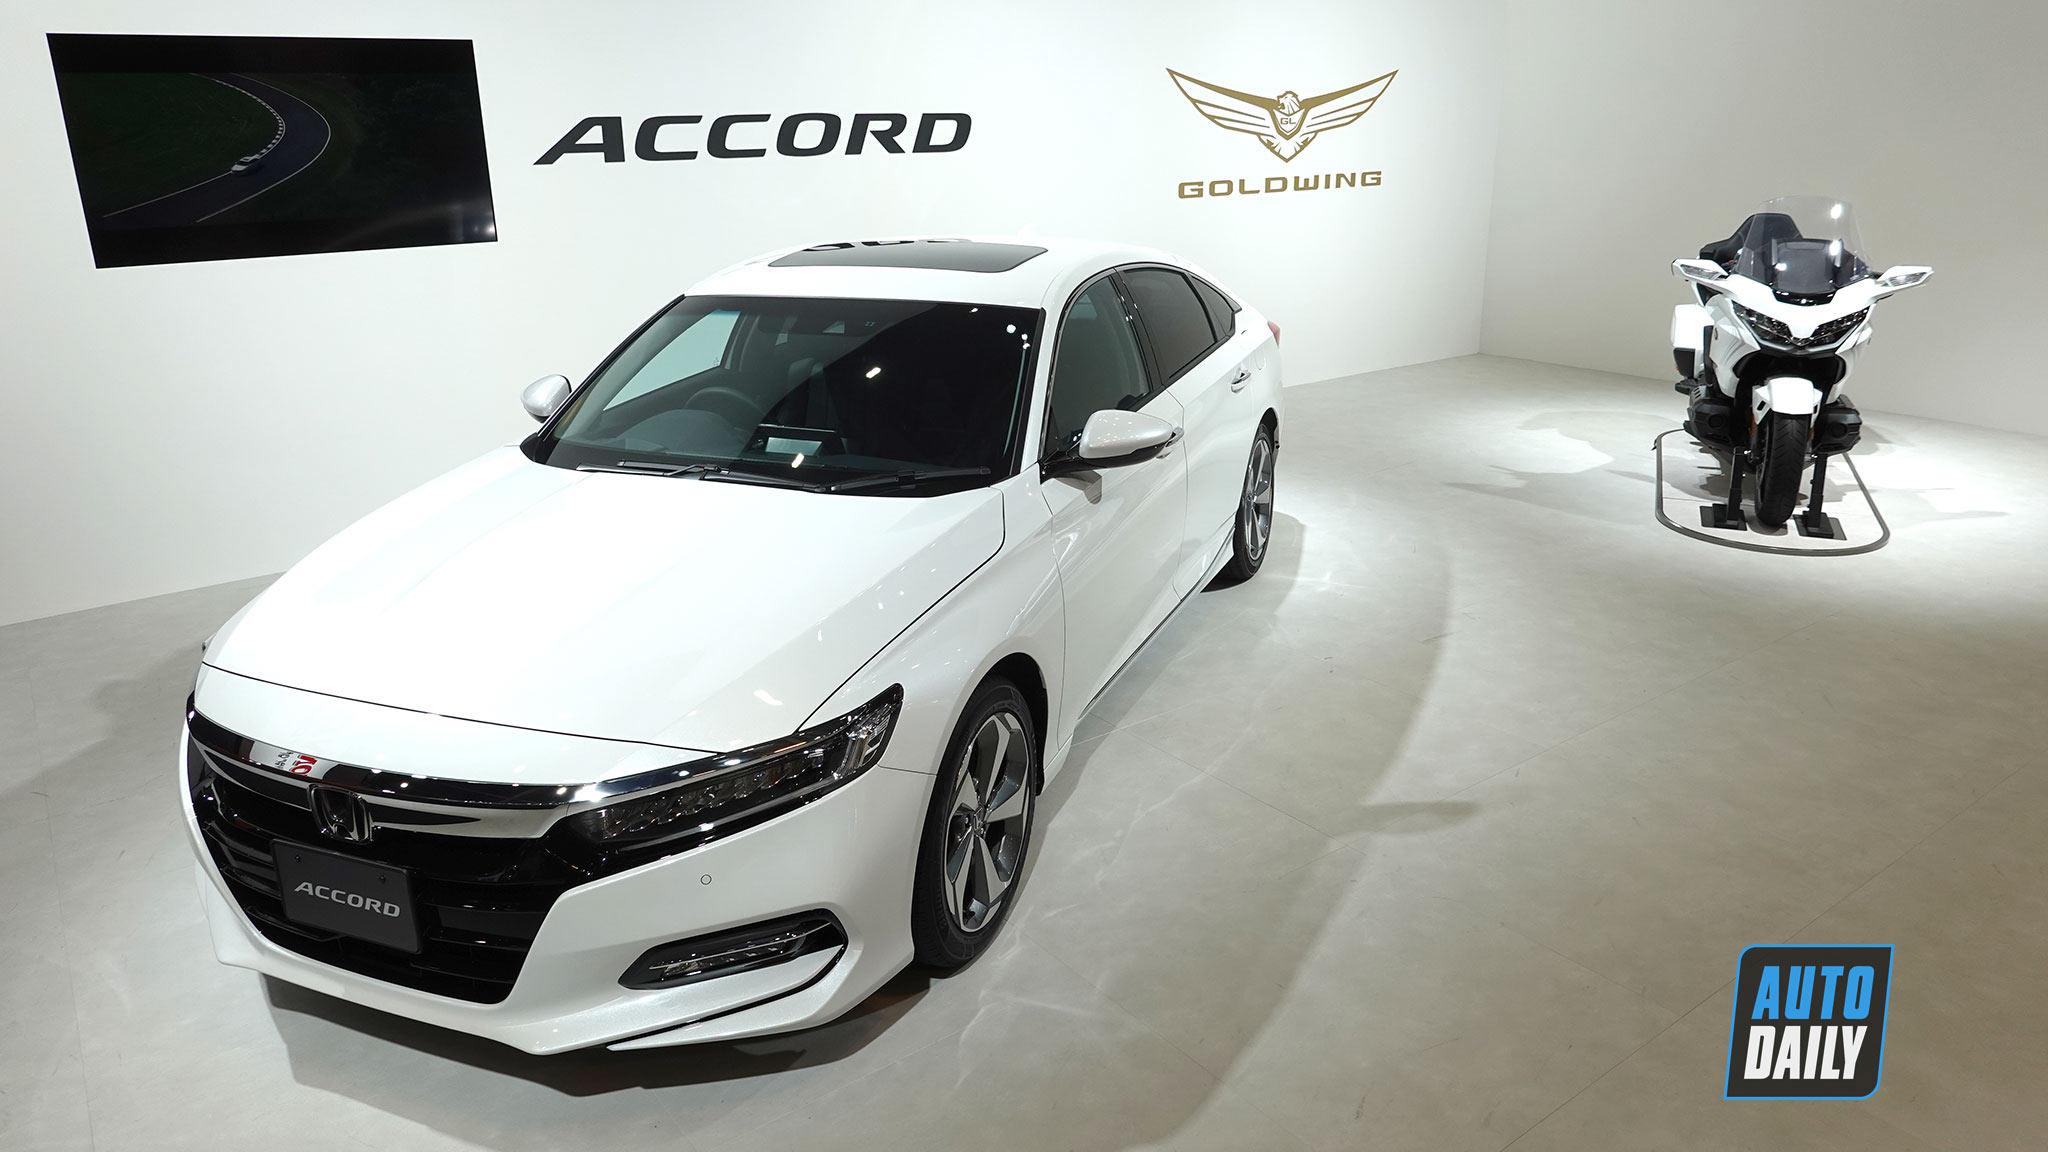 Soi nhanh Honda Accord 2020, khác biệt thế nào so với Accord tại Việt Nam